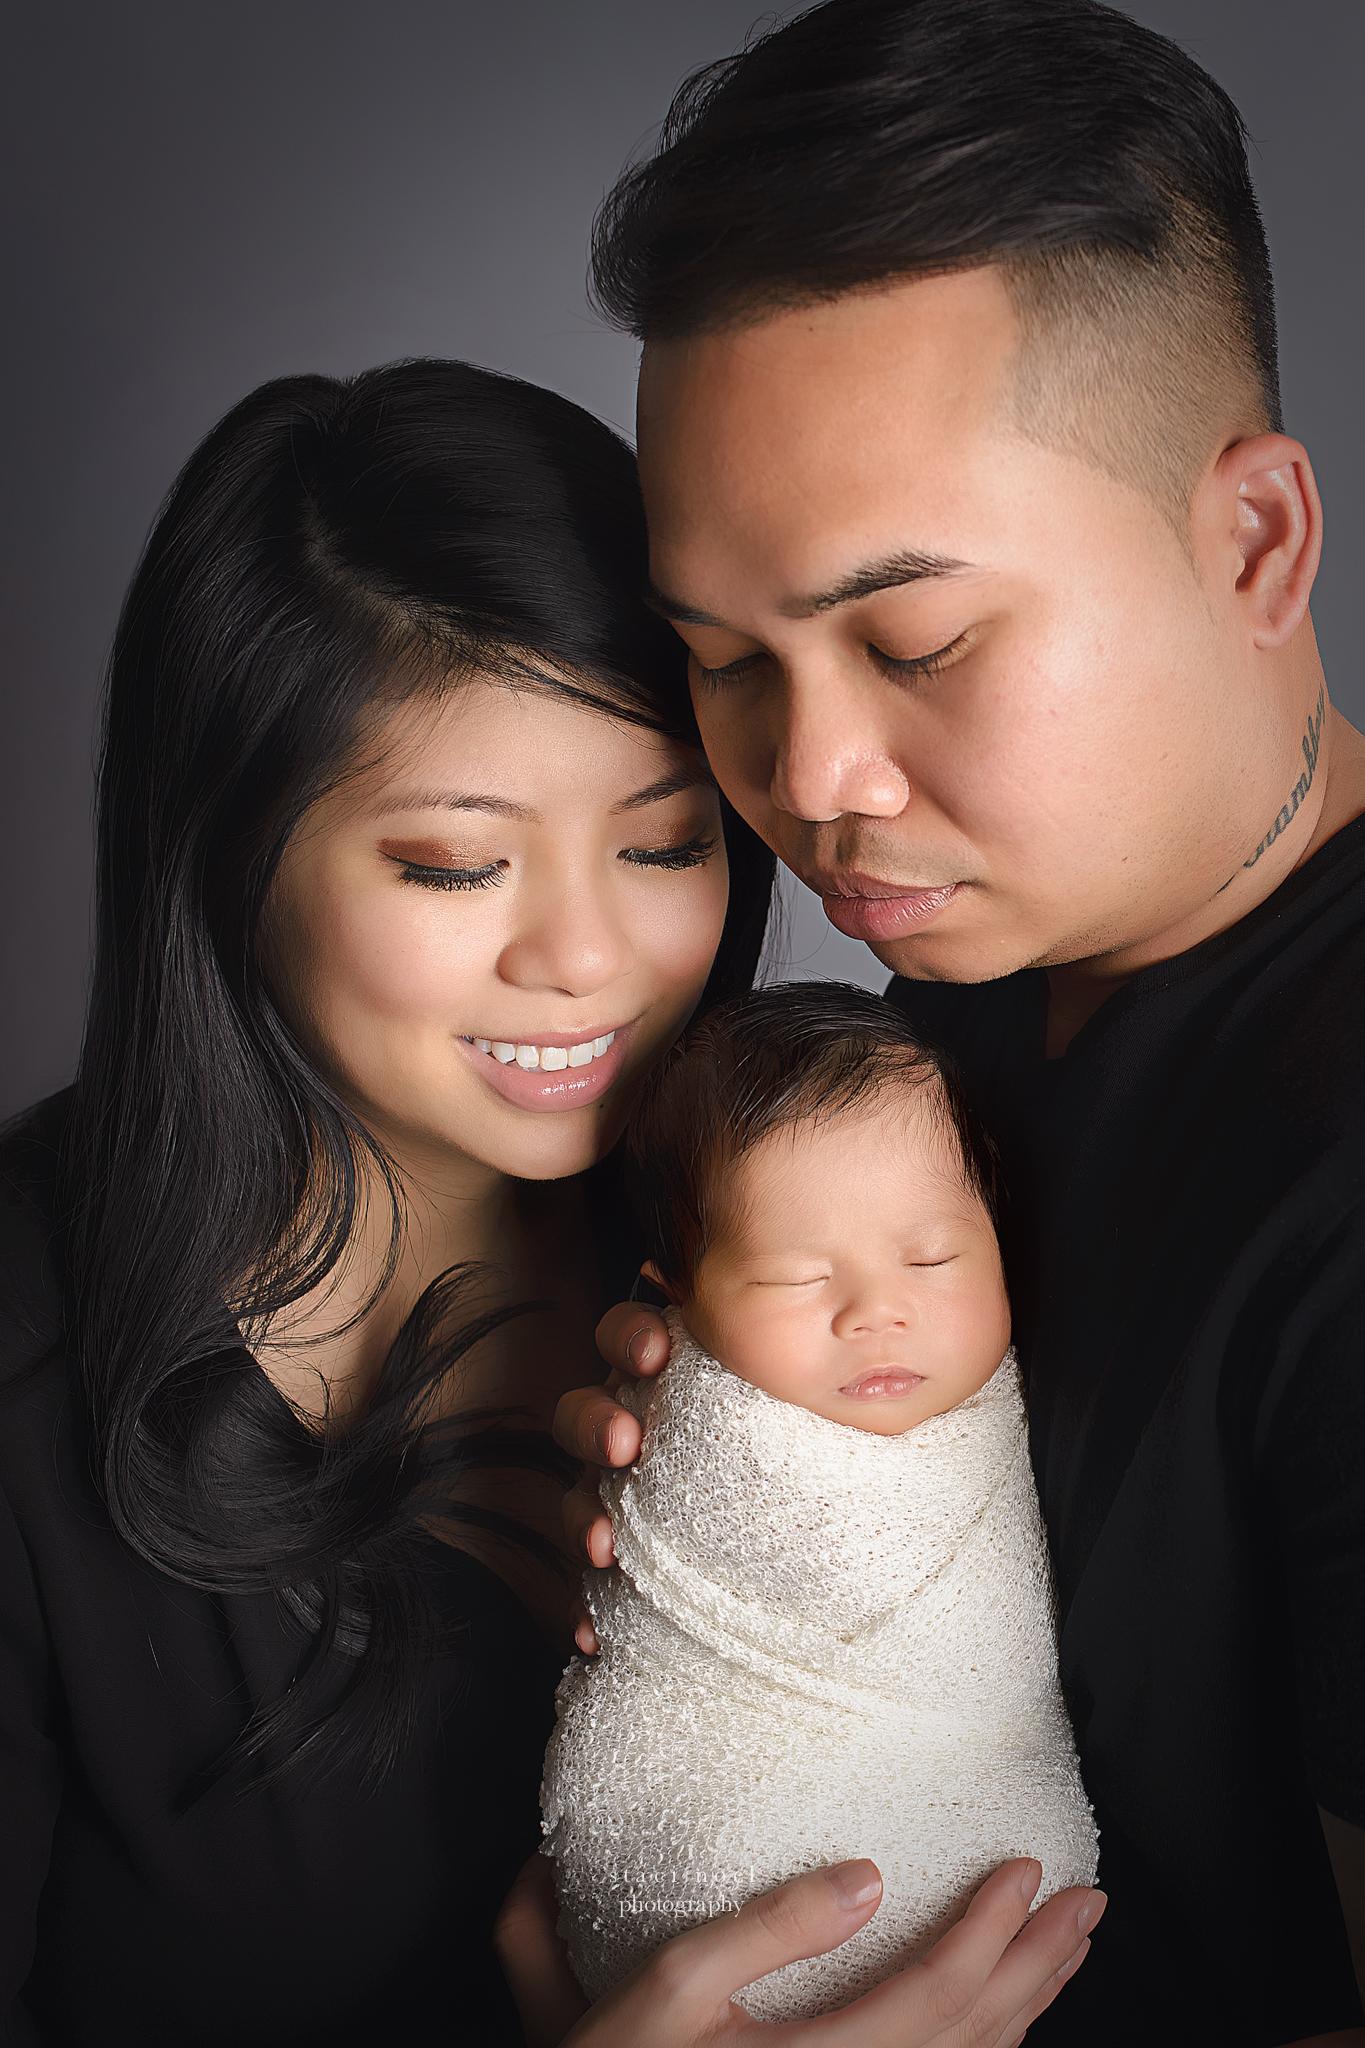 charlottephotographer.staci noel.newborn.baby.7.jpg